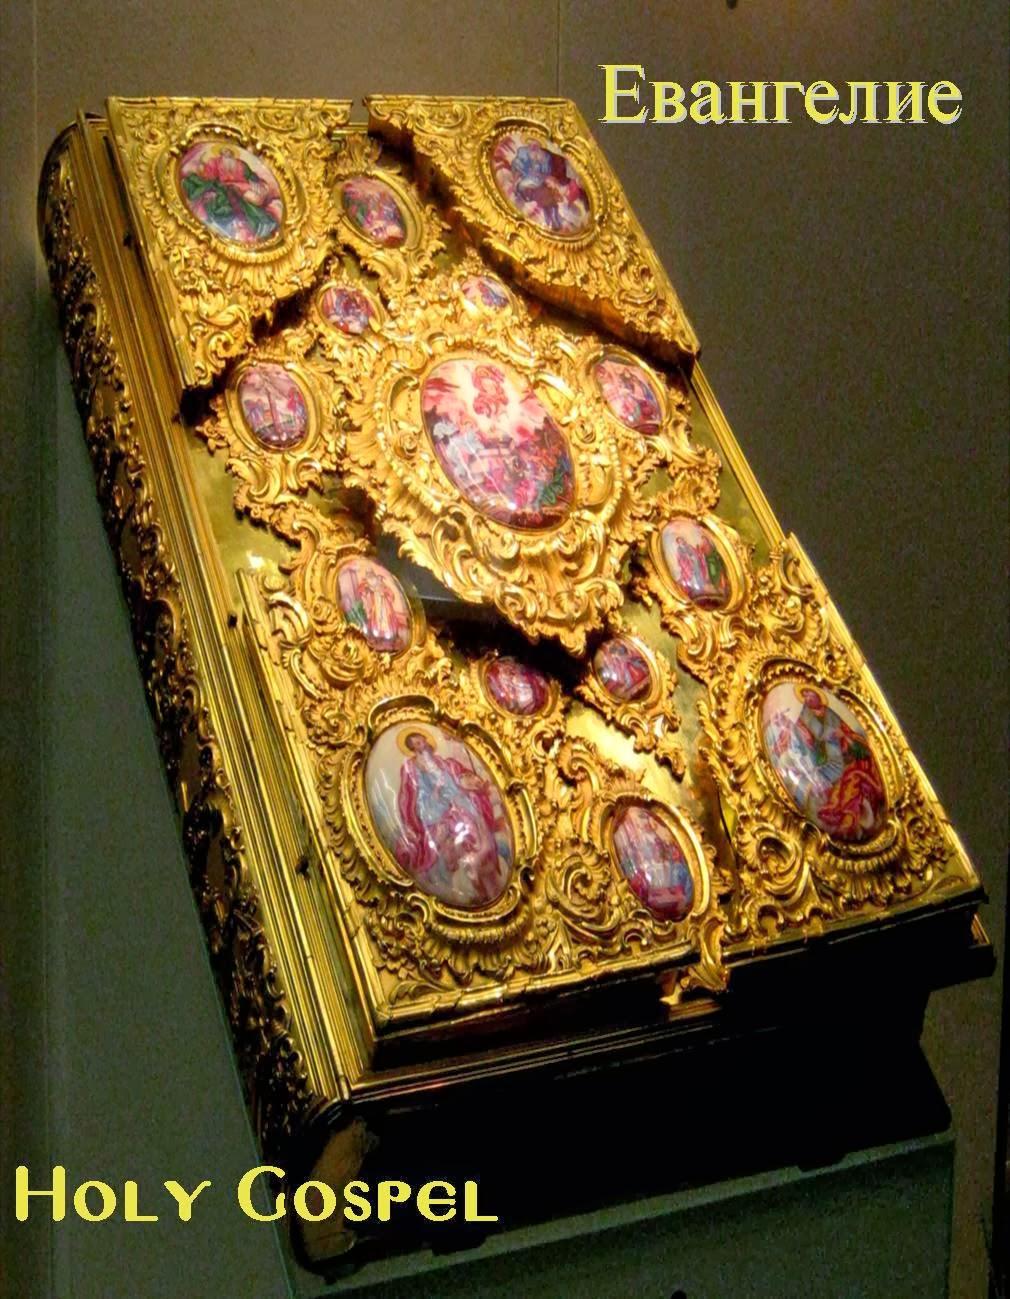 Евангелие - Gospel